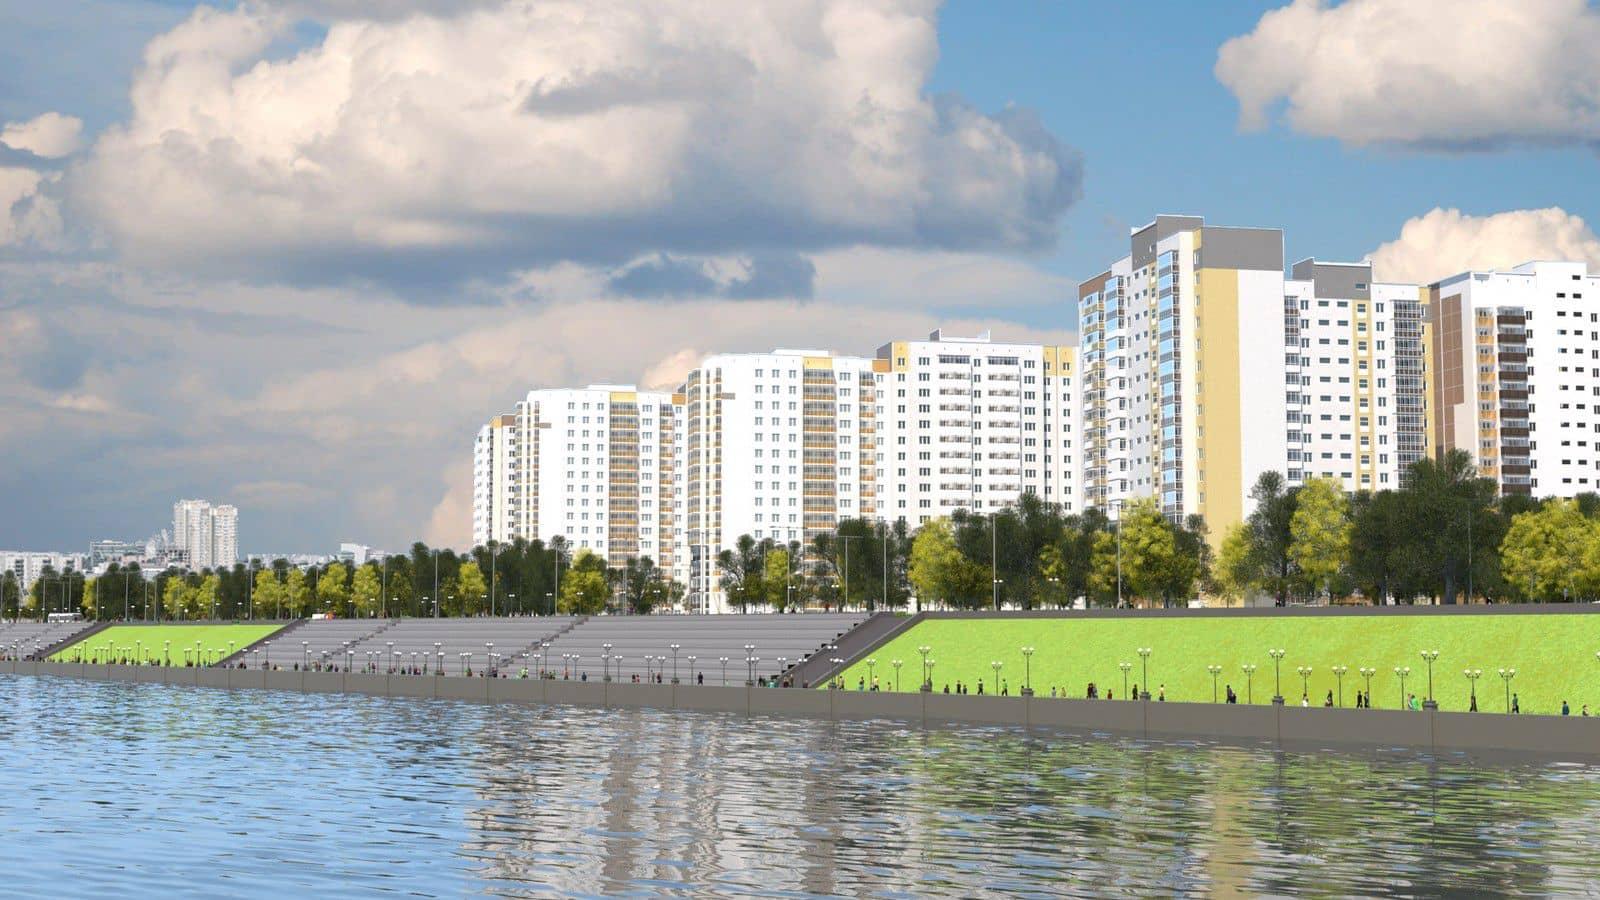 мода иннокентьевский микрорайон красноярск фото свой